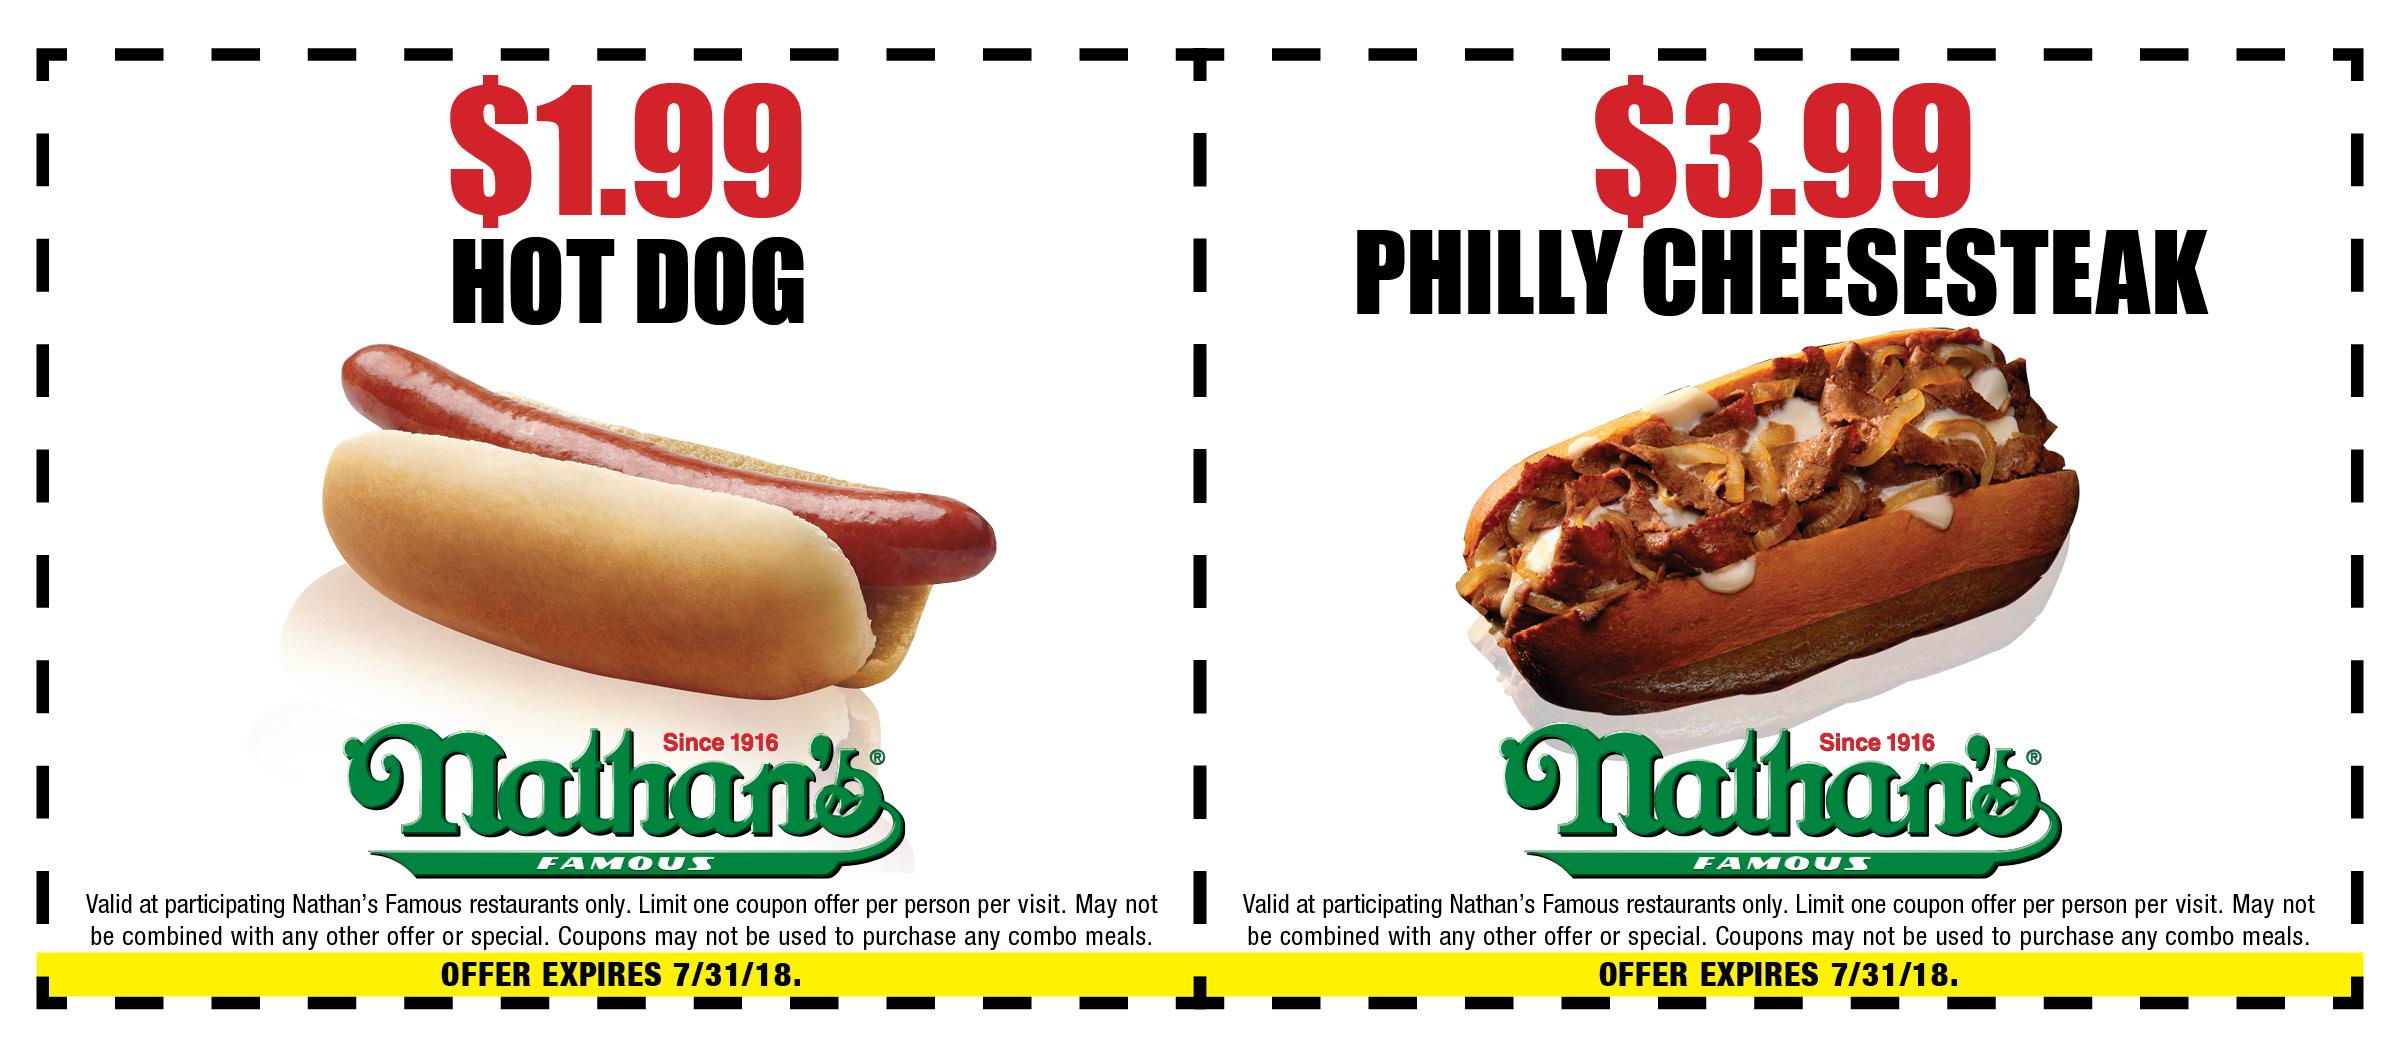 Nathan S Hot Dog Coupons July